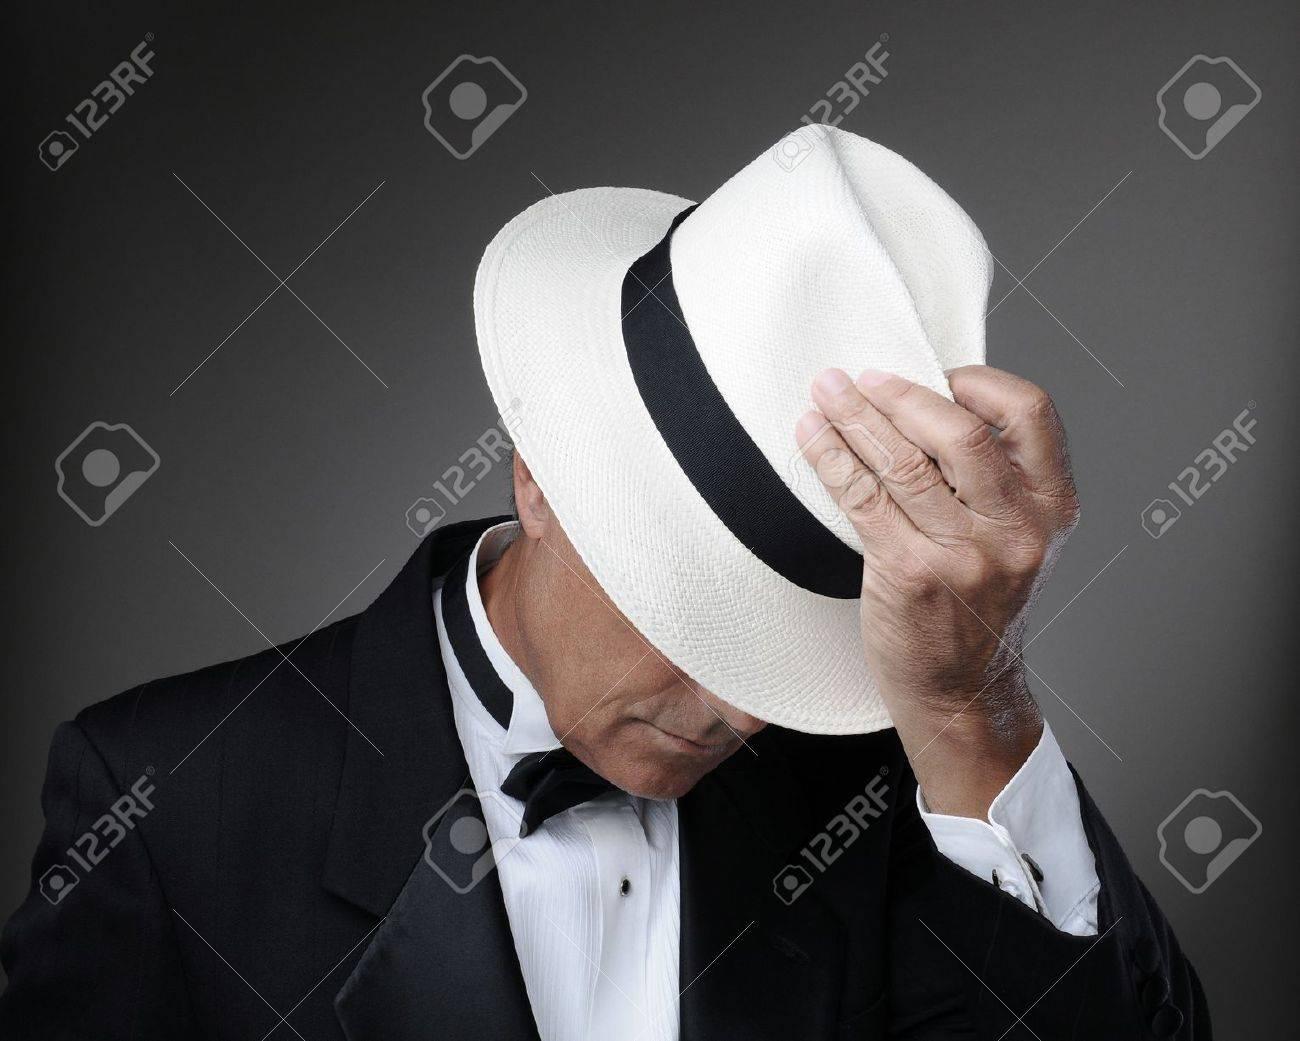 Archivio Fotografico - Primo piano di un uomo di mezza età che indossa uno  smoking e un cappello Panama. Orizzontale su uno sfondo grigio. 26f500698edd